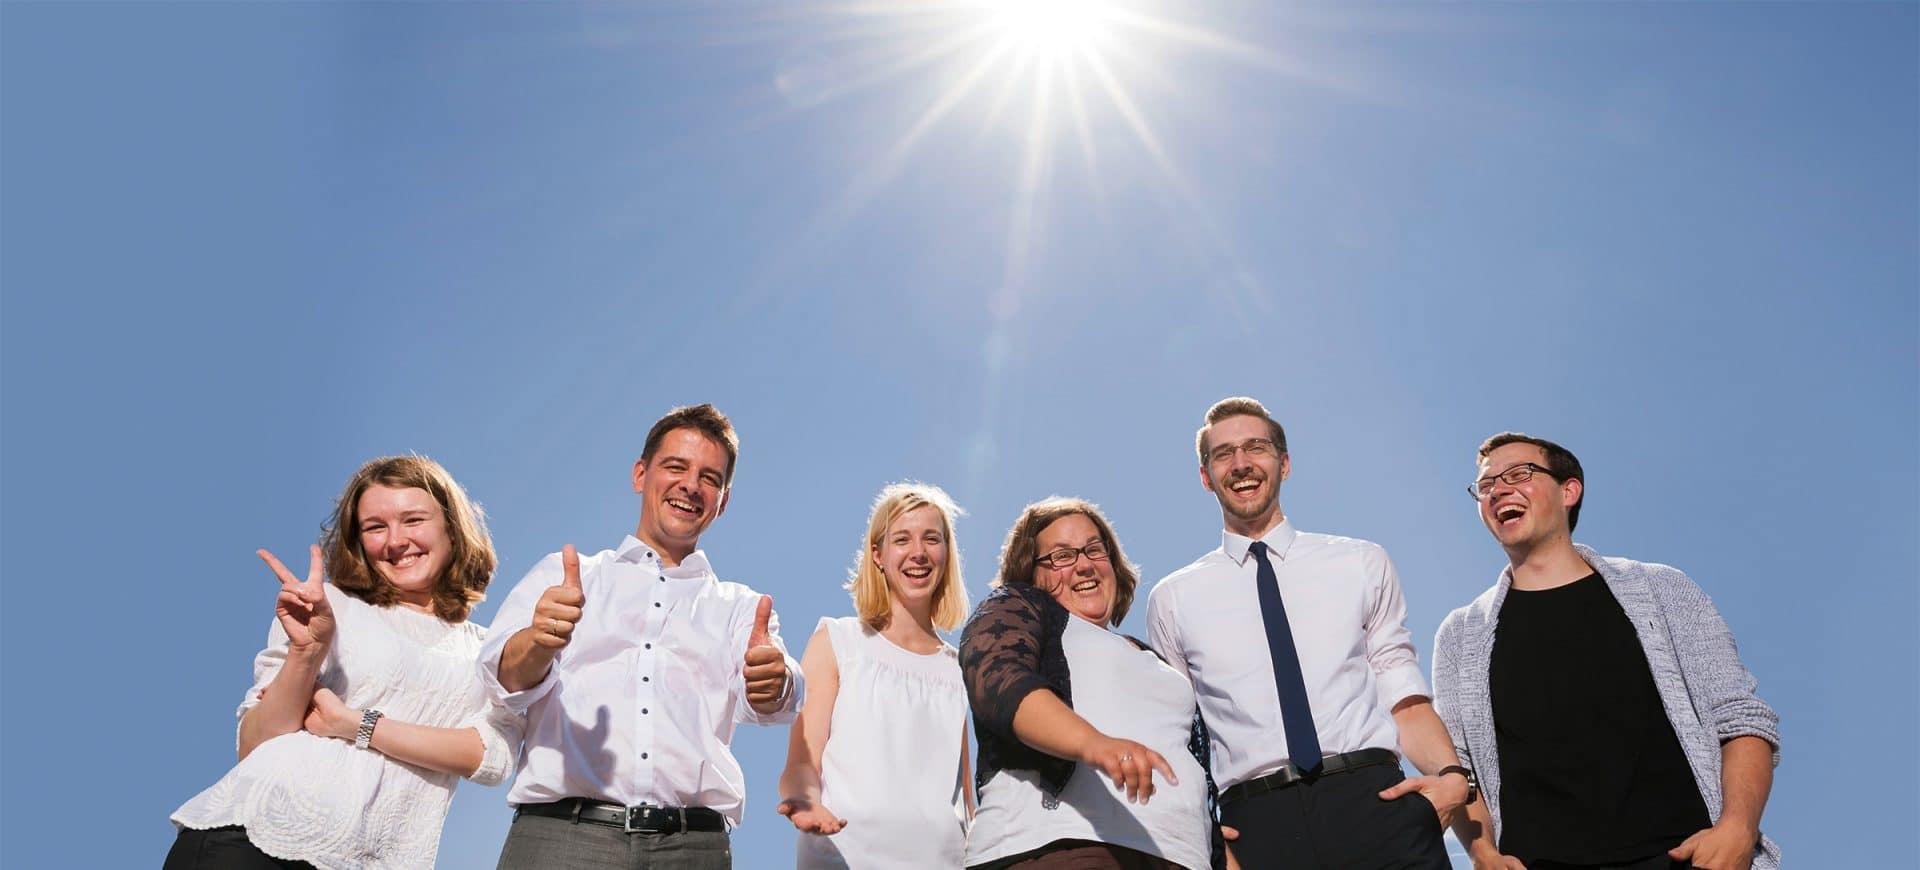 Unser Team auf dem Dach in der Sonne